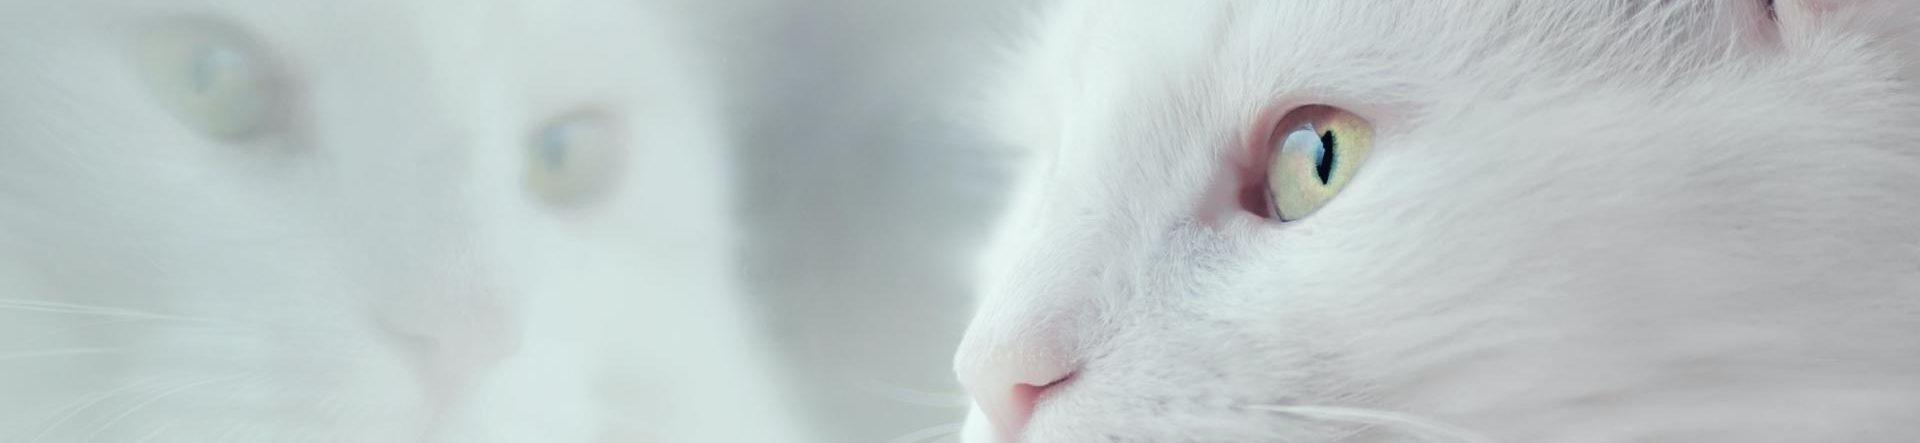 Aflivning af kat i Kolding – tryg og omsorgsfuld | Dyrlægehuset Kolding